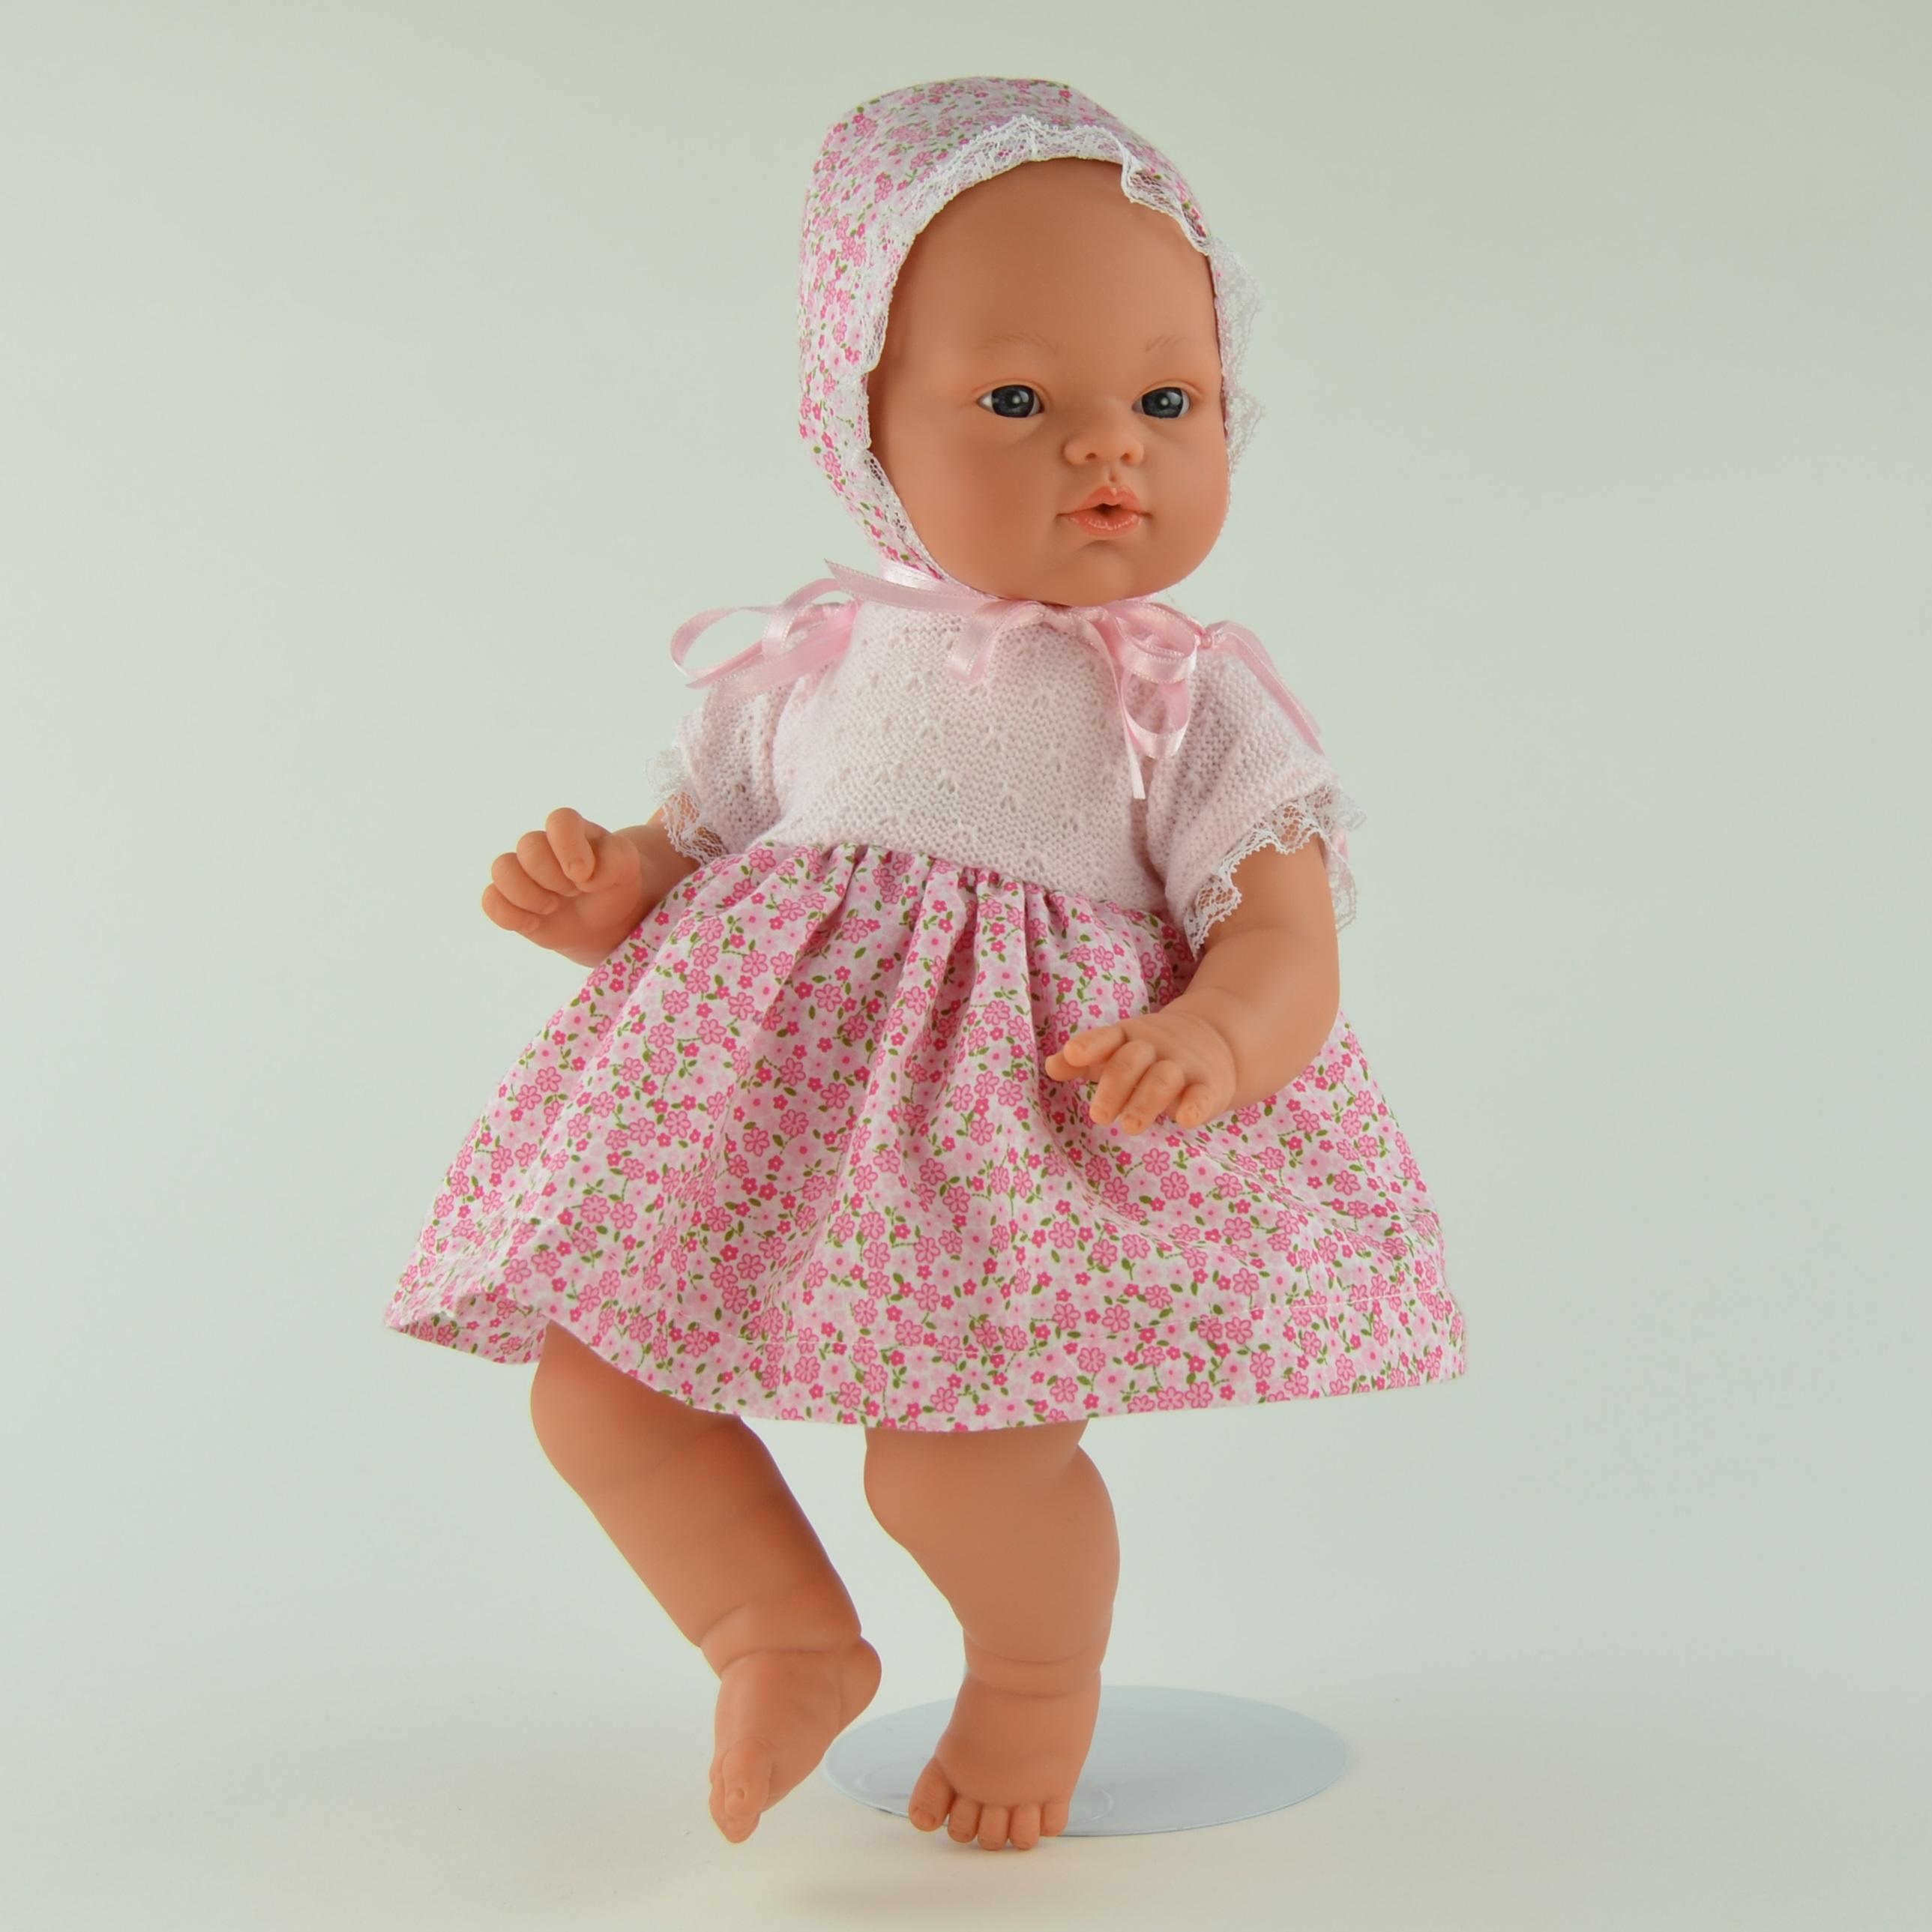 Кукла Коки в розовом платьице, 36 см.Куклы ASI (Испания)<br>Кукла Коки в розовом платьице, 36 см.<br>